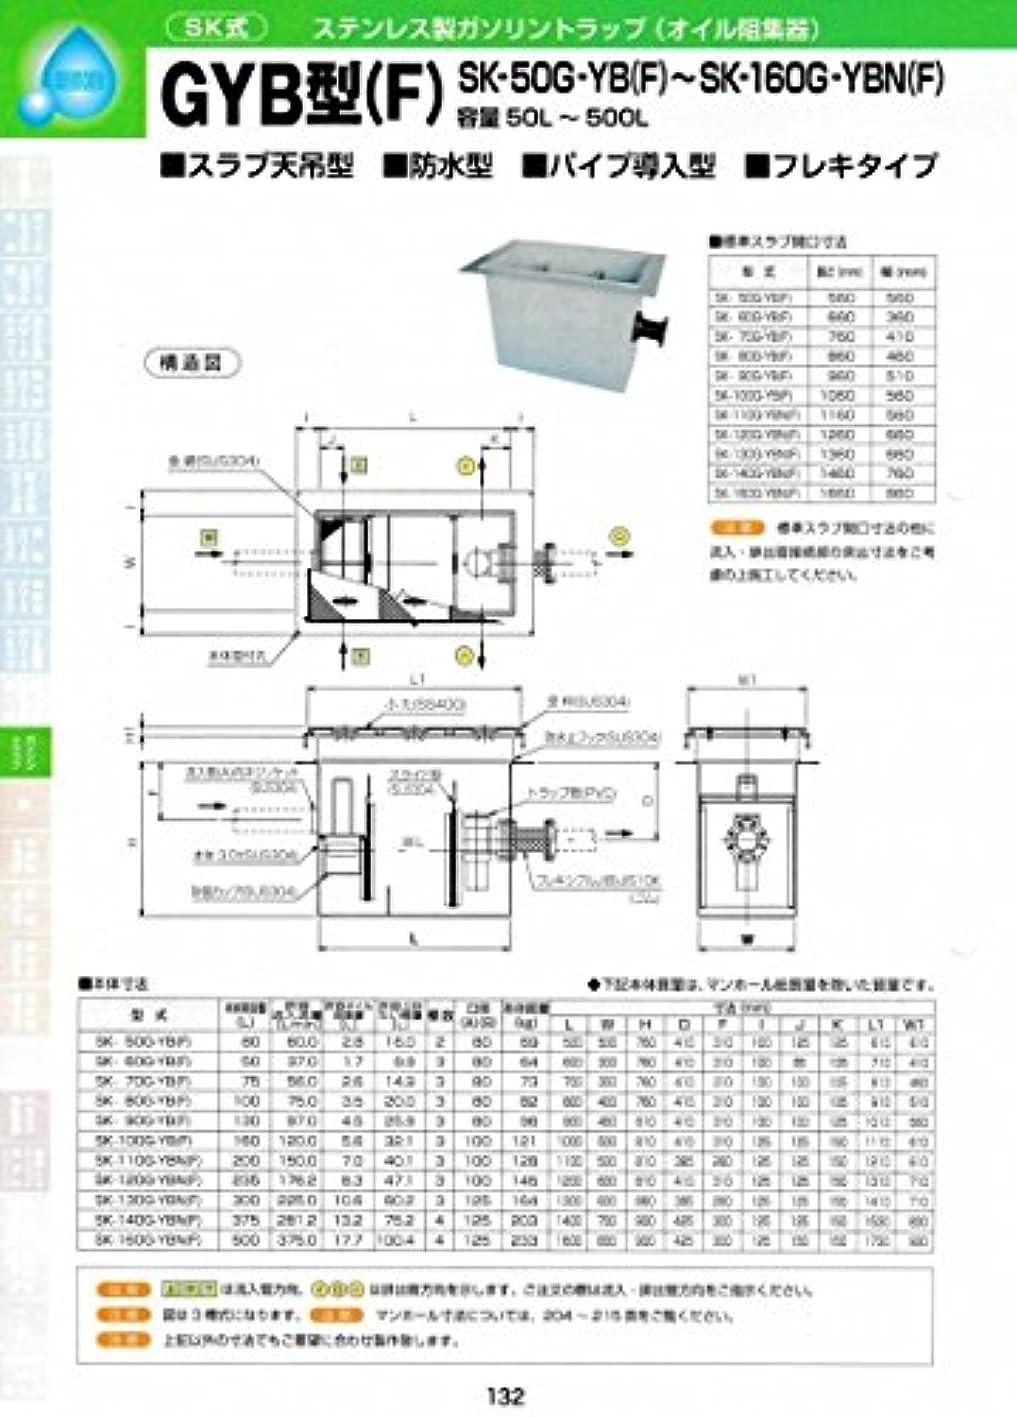 バンカー匿名製造業GYB型(F) SK-110G-YB(F) 耐荷重蓋仕様セット(マンホール枠:ステンレス / 蓋:SS400) T-2